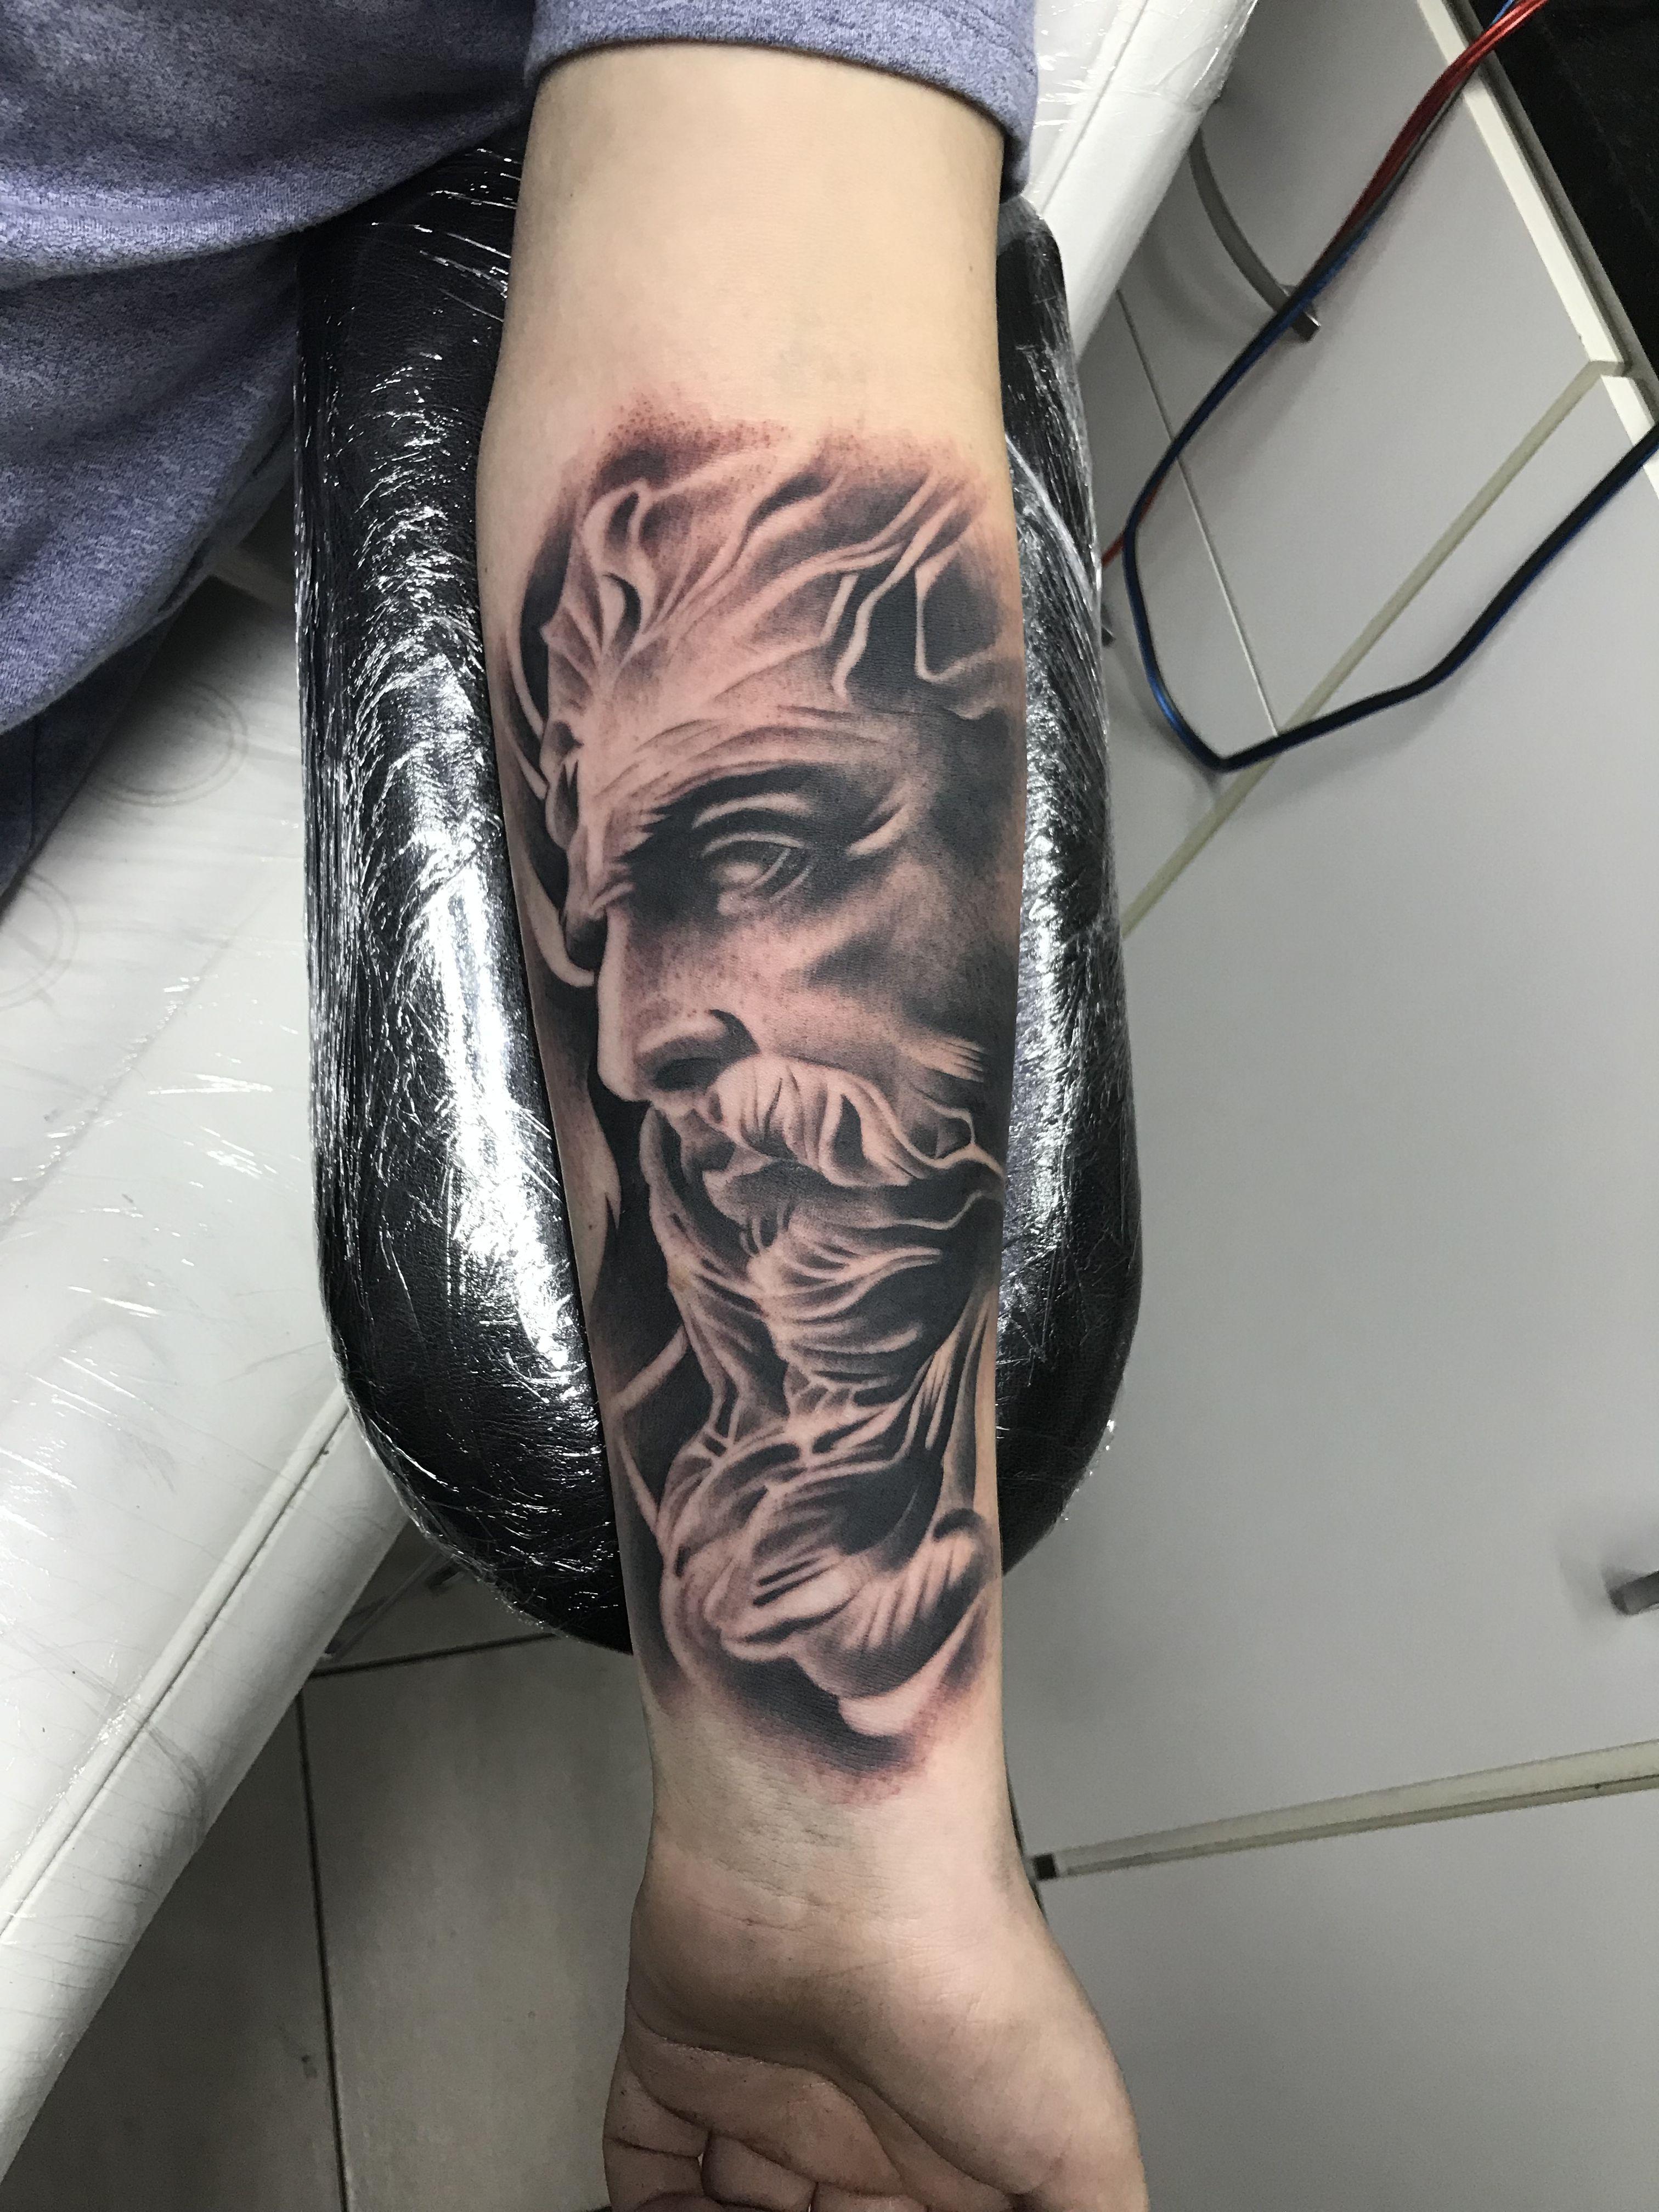 Zeus Tatuajes Tatto Dibujos Dioses Tatuajes Tatuajes De